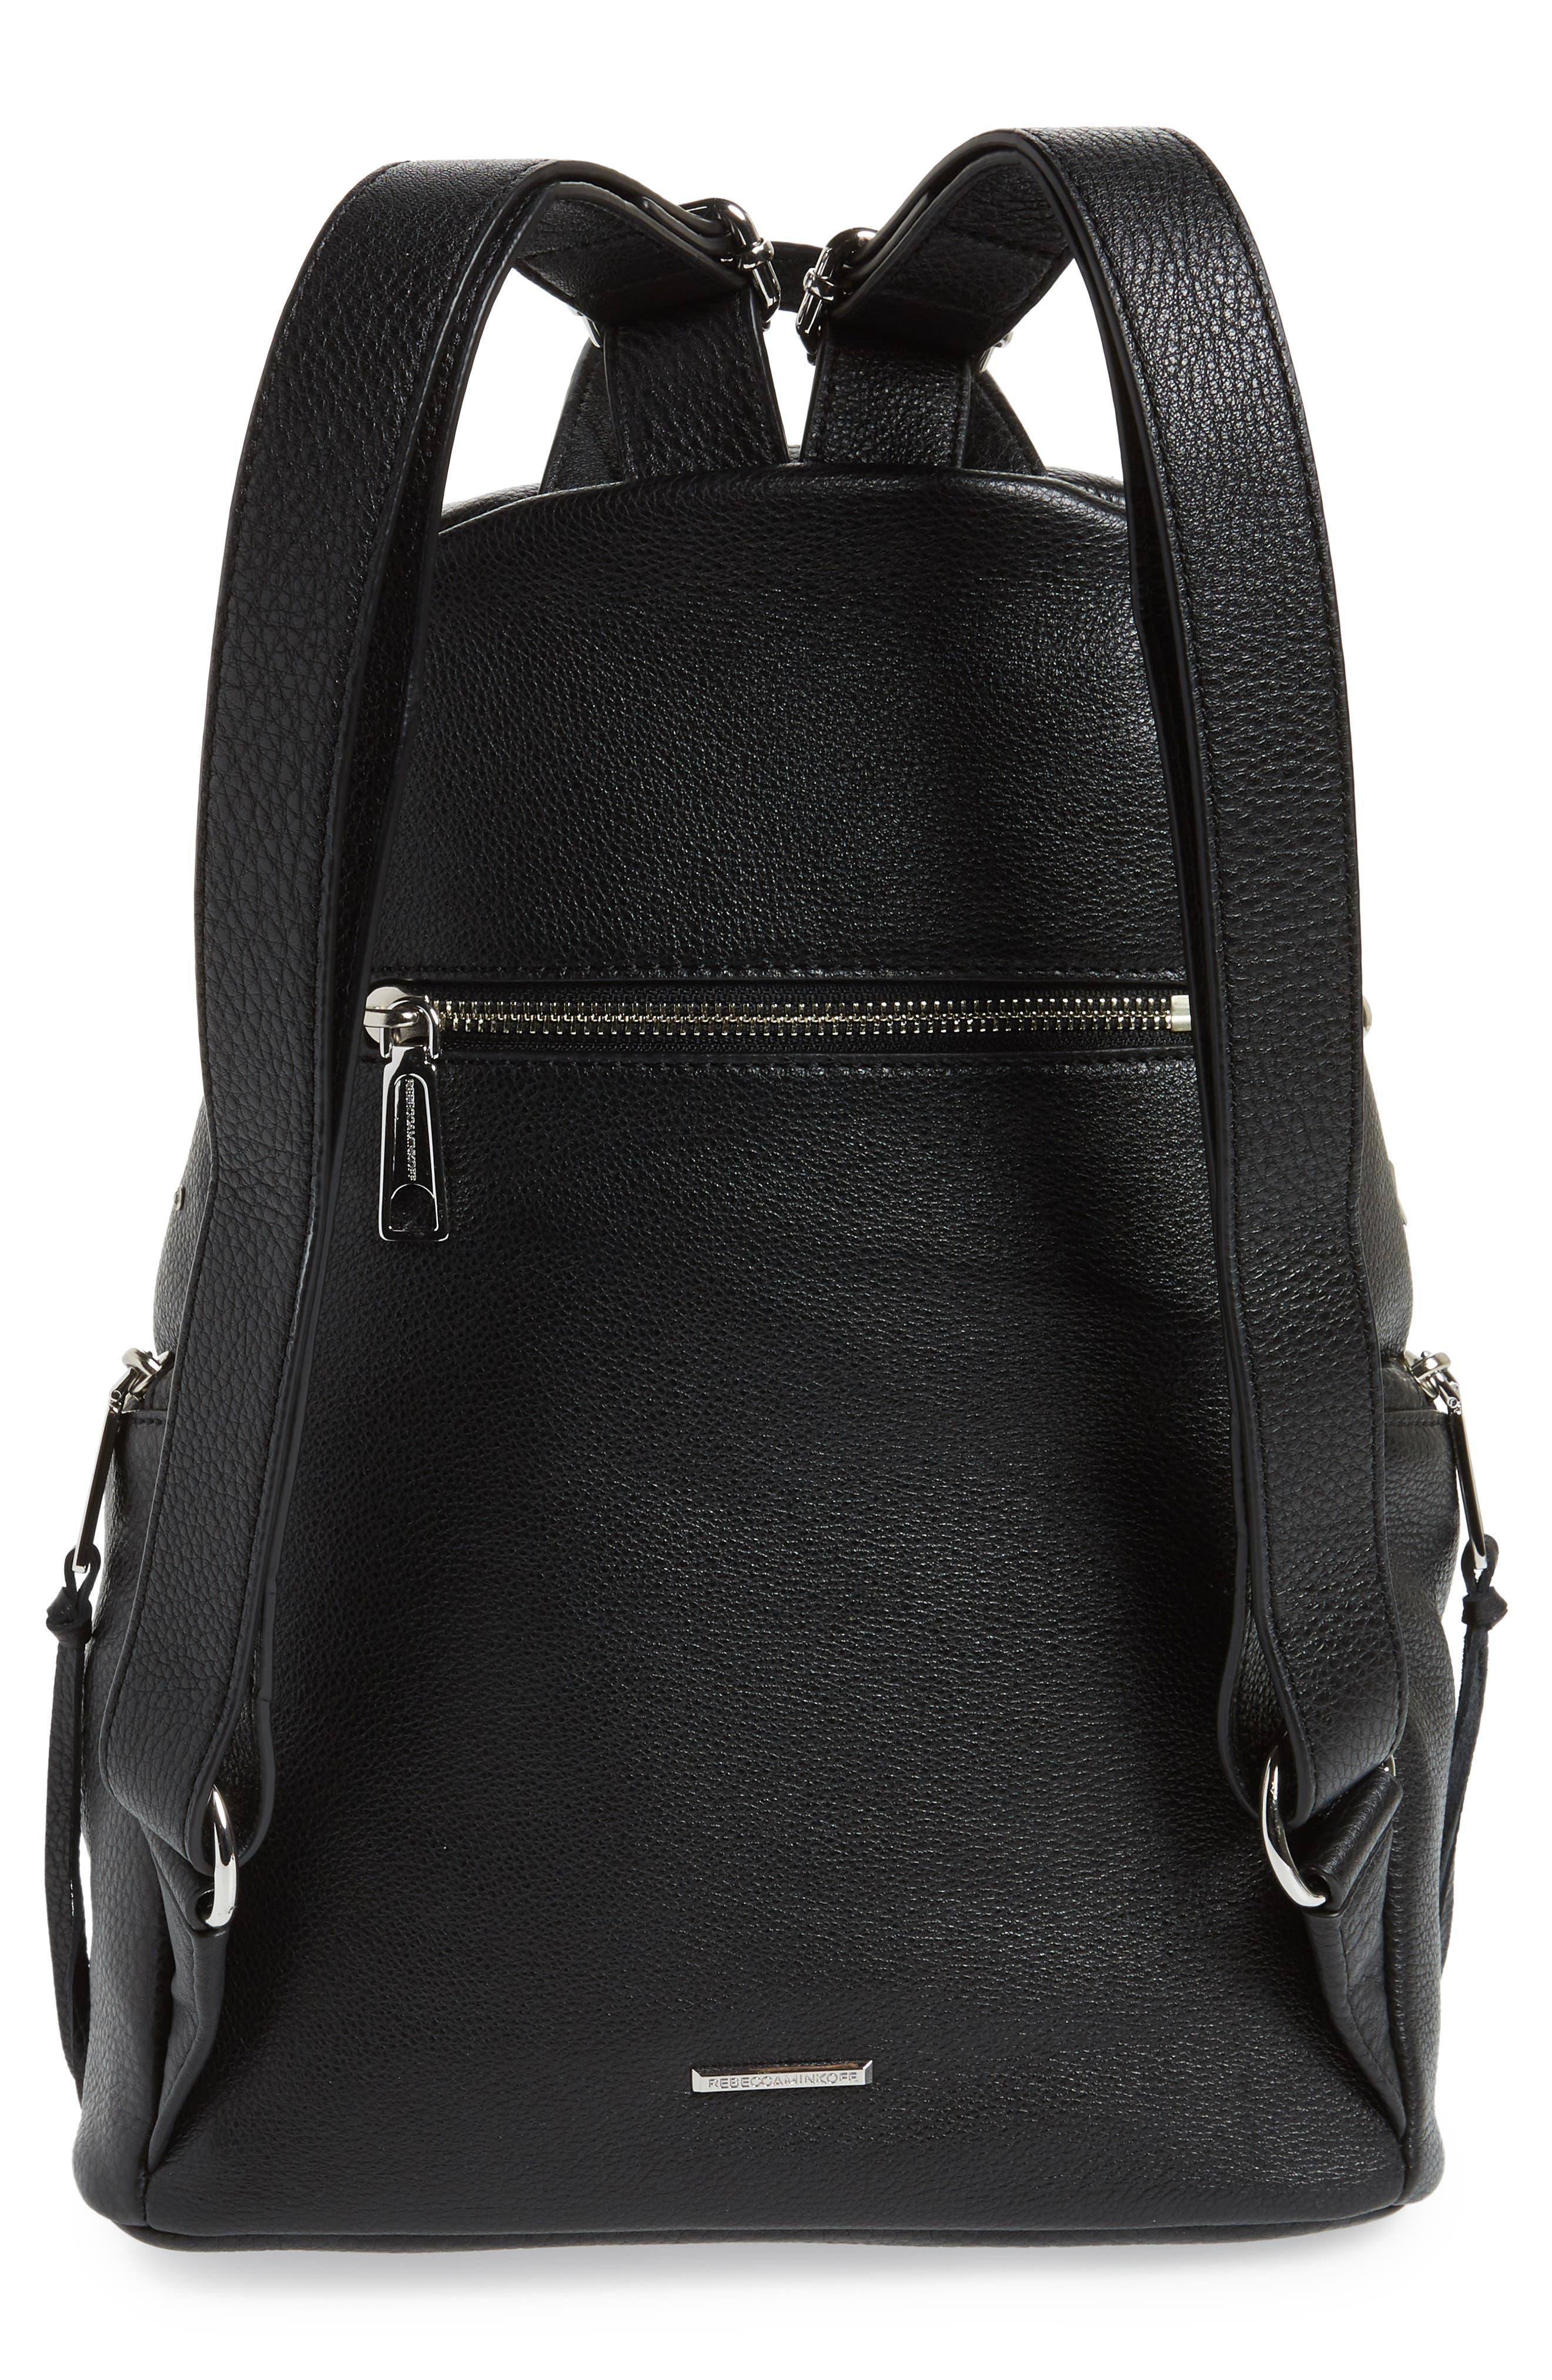 Julian Embellished Leather Backpack,                             Alternate thumbnail 3, color,                             Black